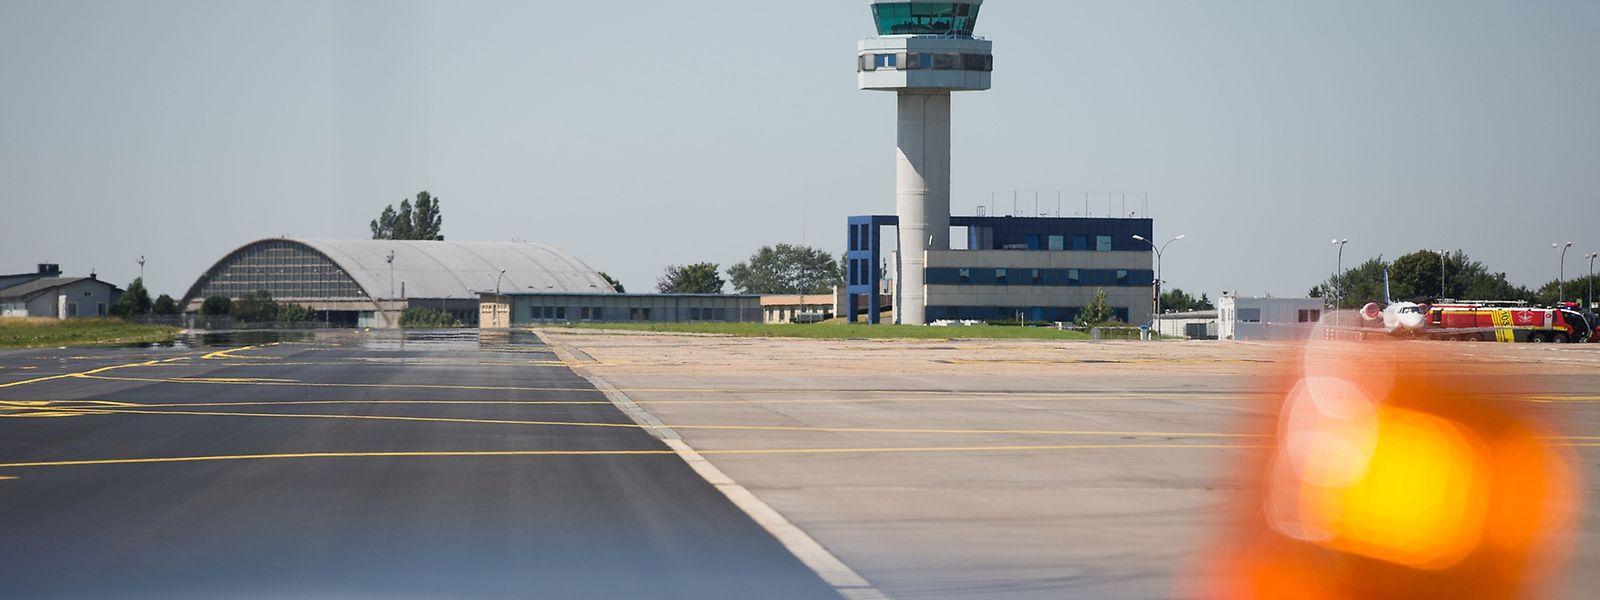 Auf dem Flughafen sind umfangreiche Arbeiten erforderlich.